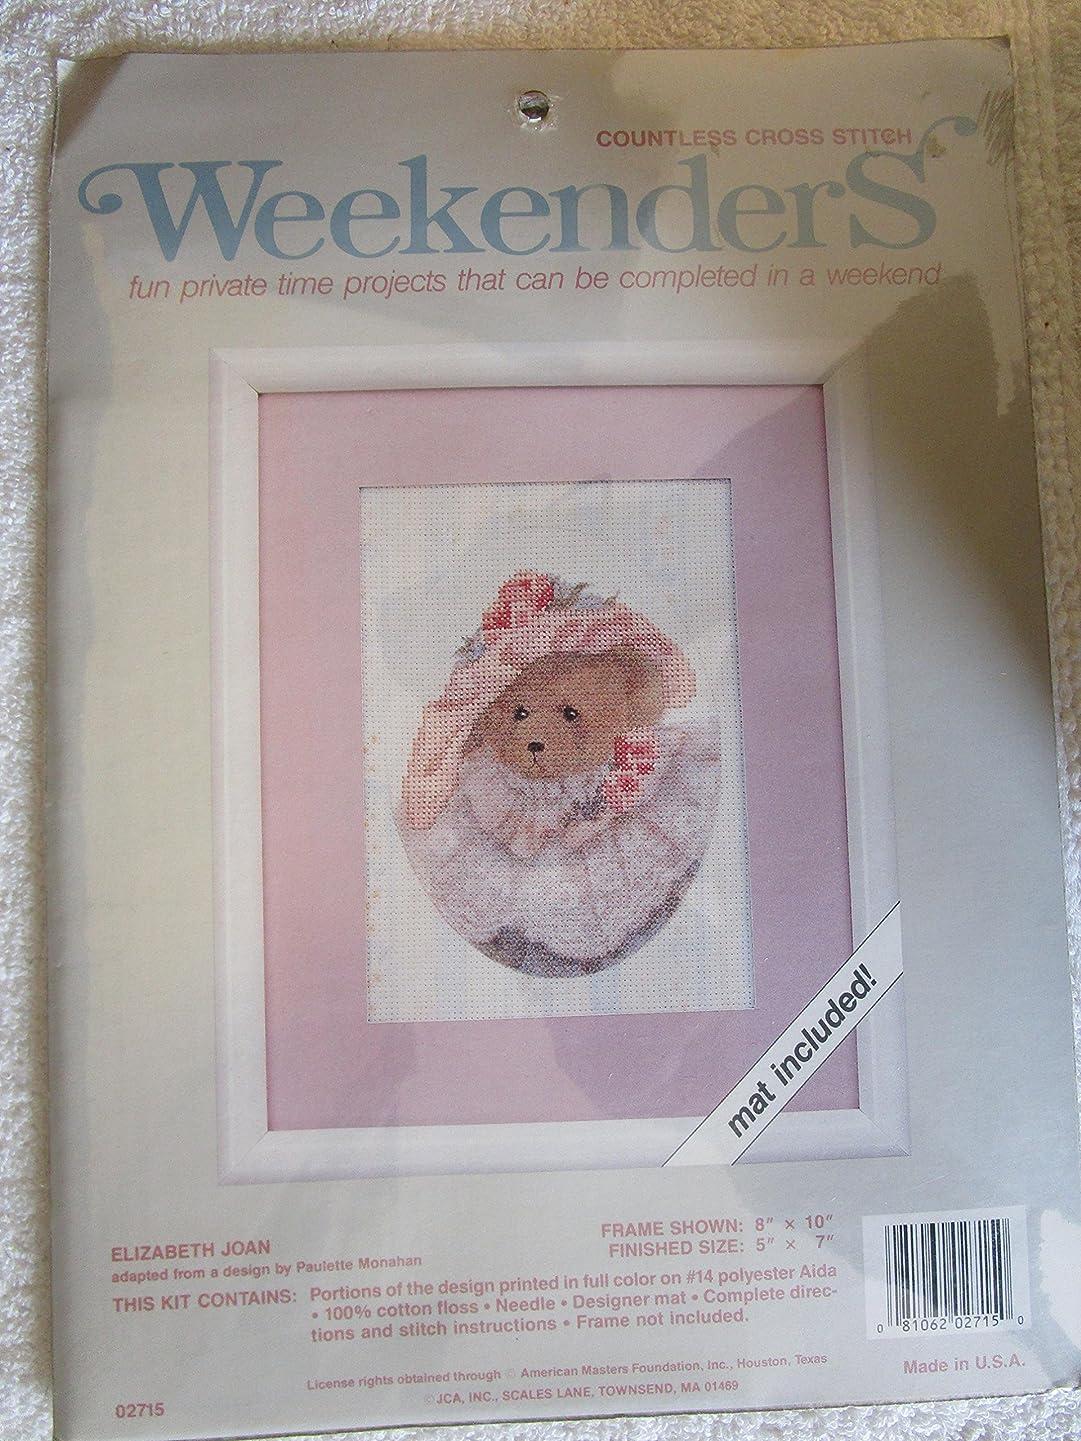 Weekenders Elizabeth Joan Countless Cross Stitch Kit,pink